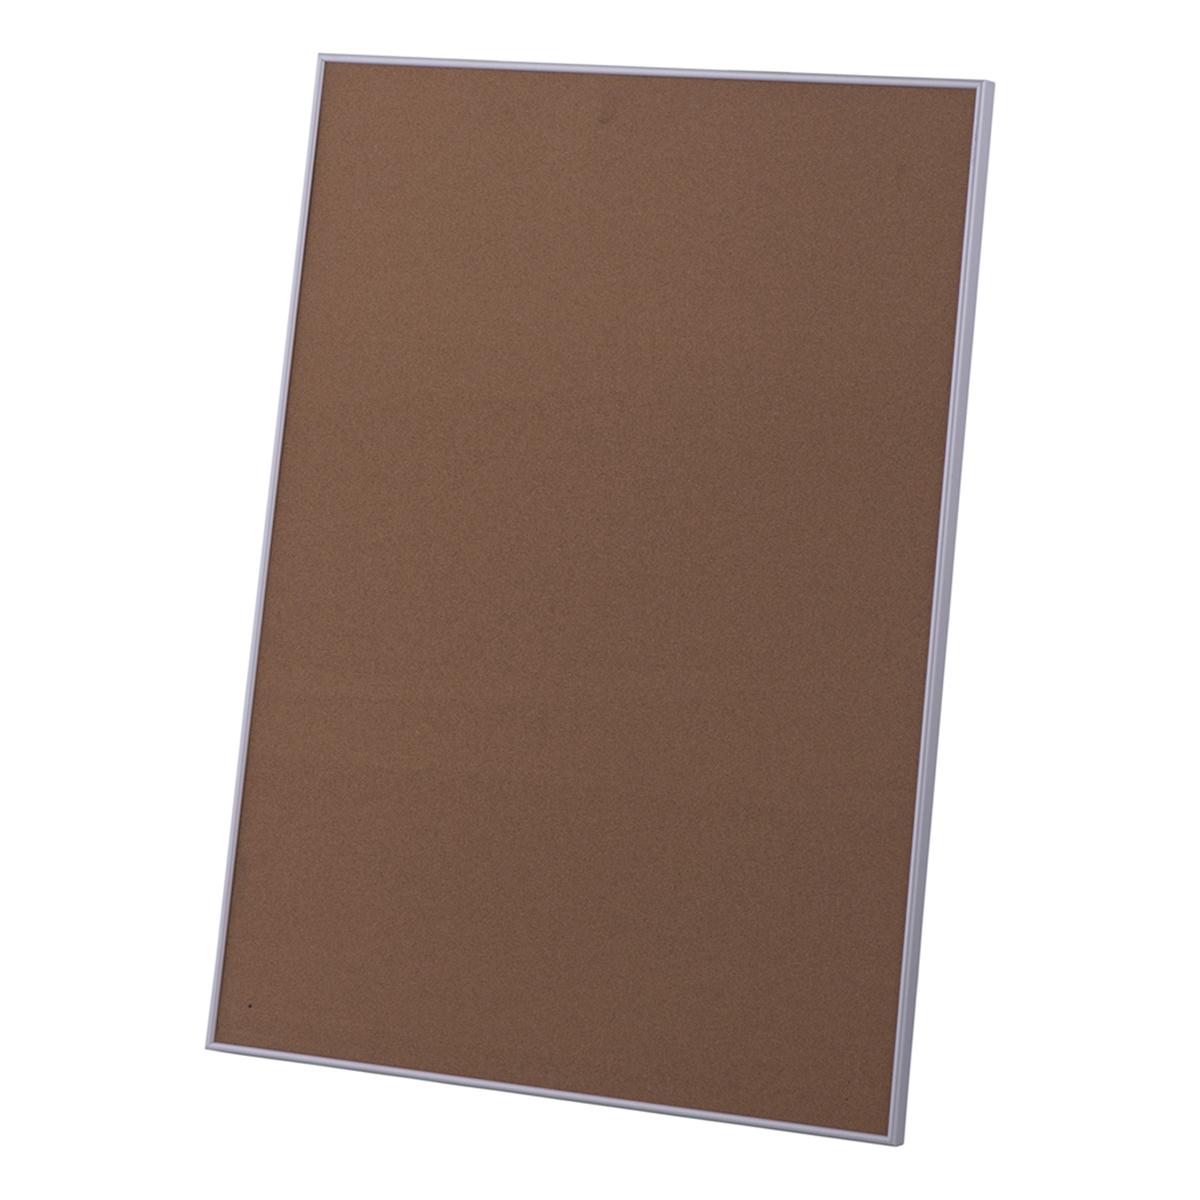 panneau affichage liege finest panneau affichage liege with panneau affichage liege. Black Bedroom Furniture Sets. Home Design Ideas